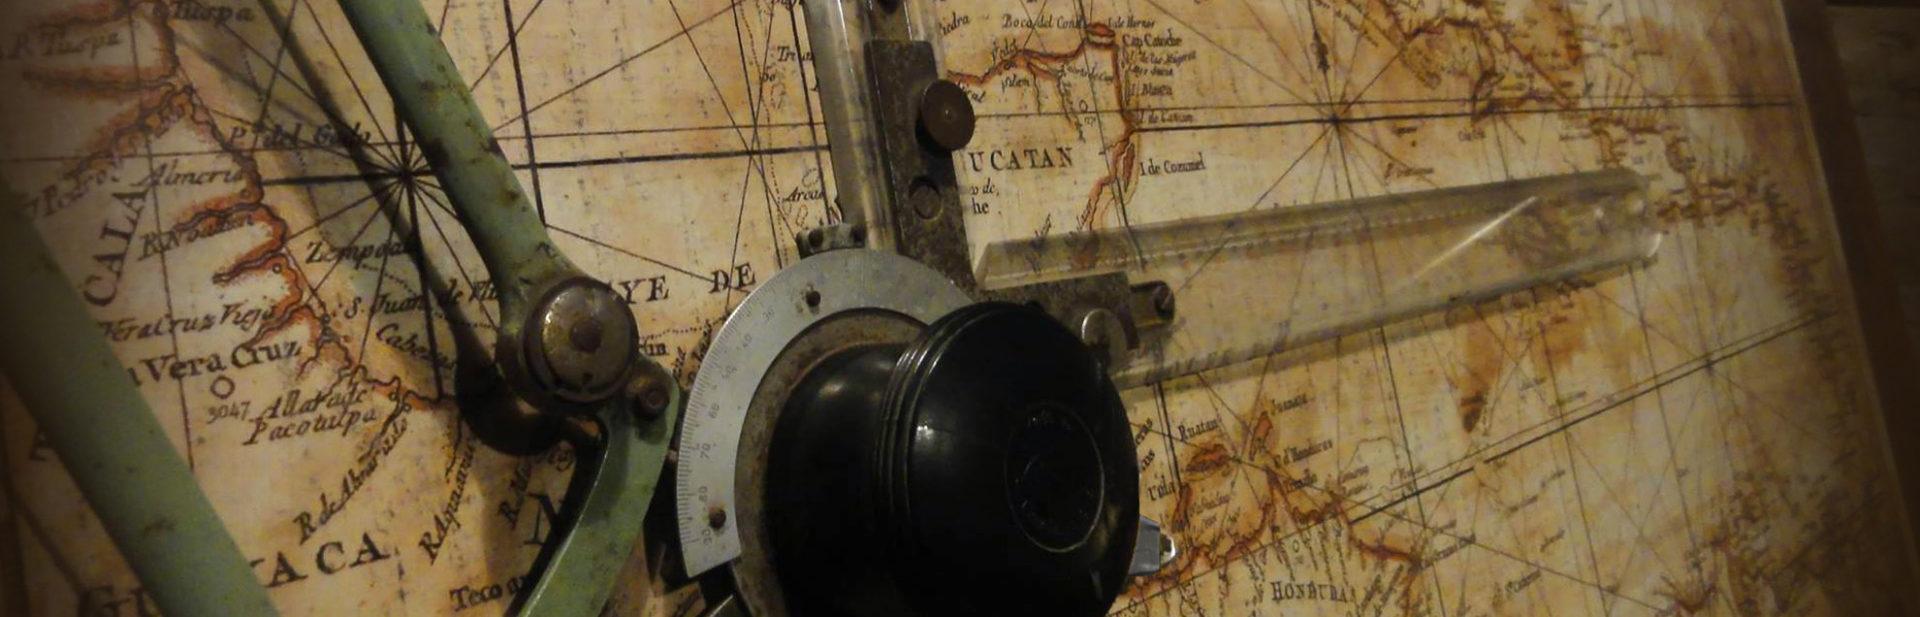 Napuche szabadulószoba térkép